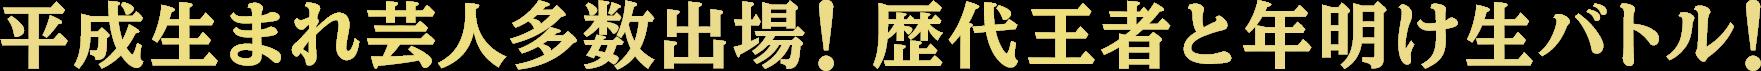 平成生まれ芸人多数出場! 歴代王者と年明け生バトル!